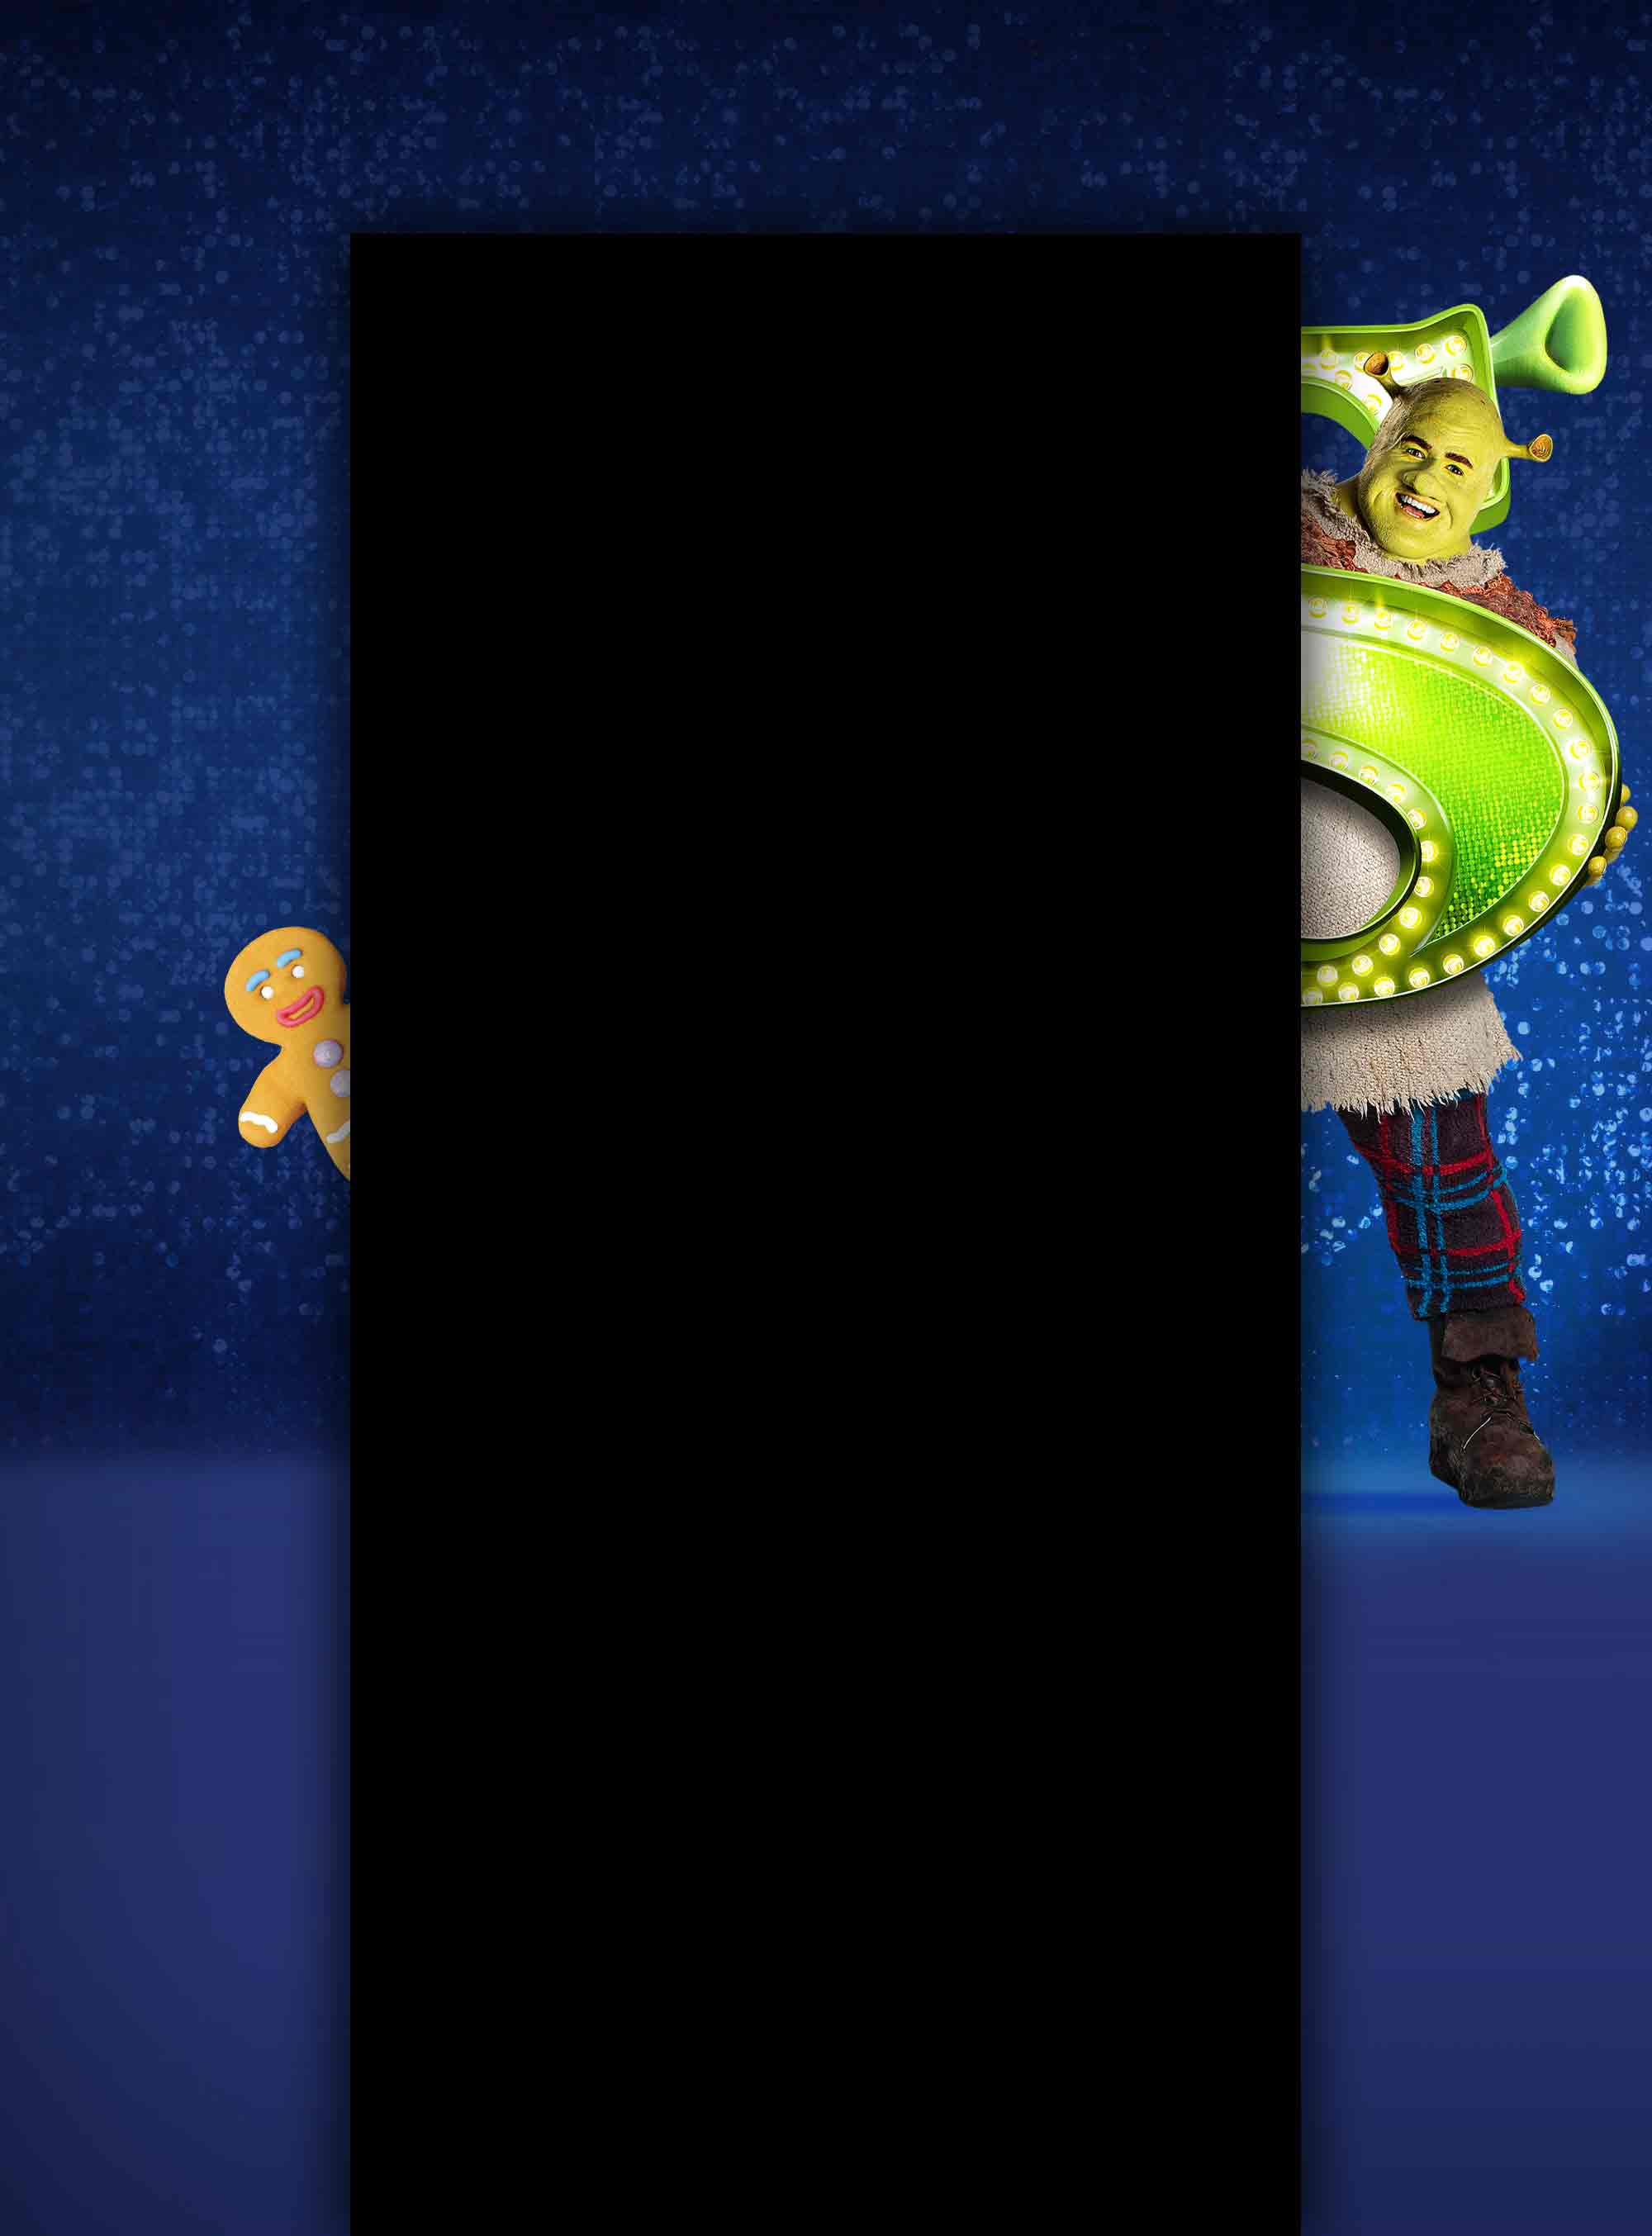 shrek-background3.jpg